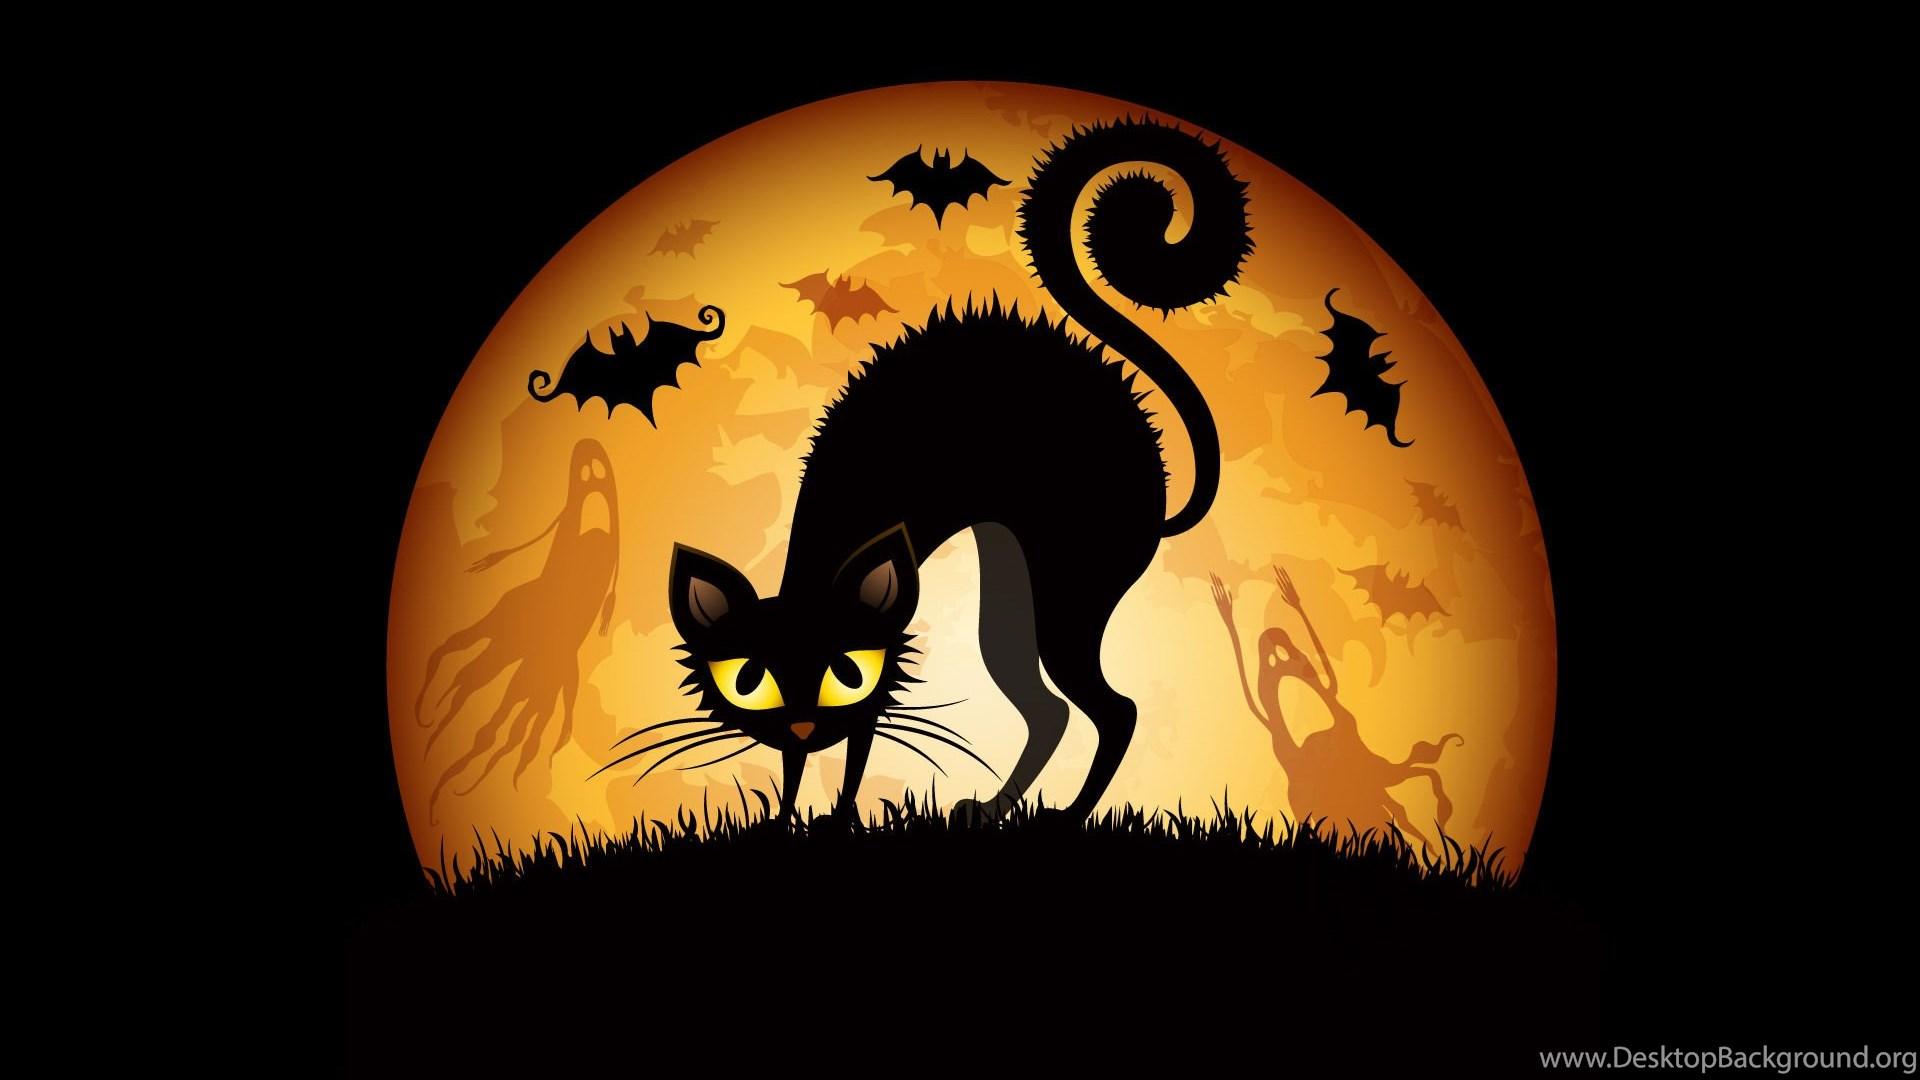 Halloween Cat Bat Wallpapers Desktop Background